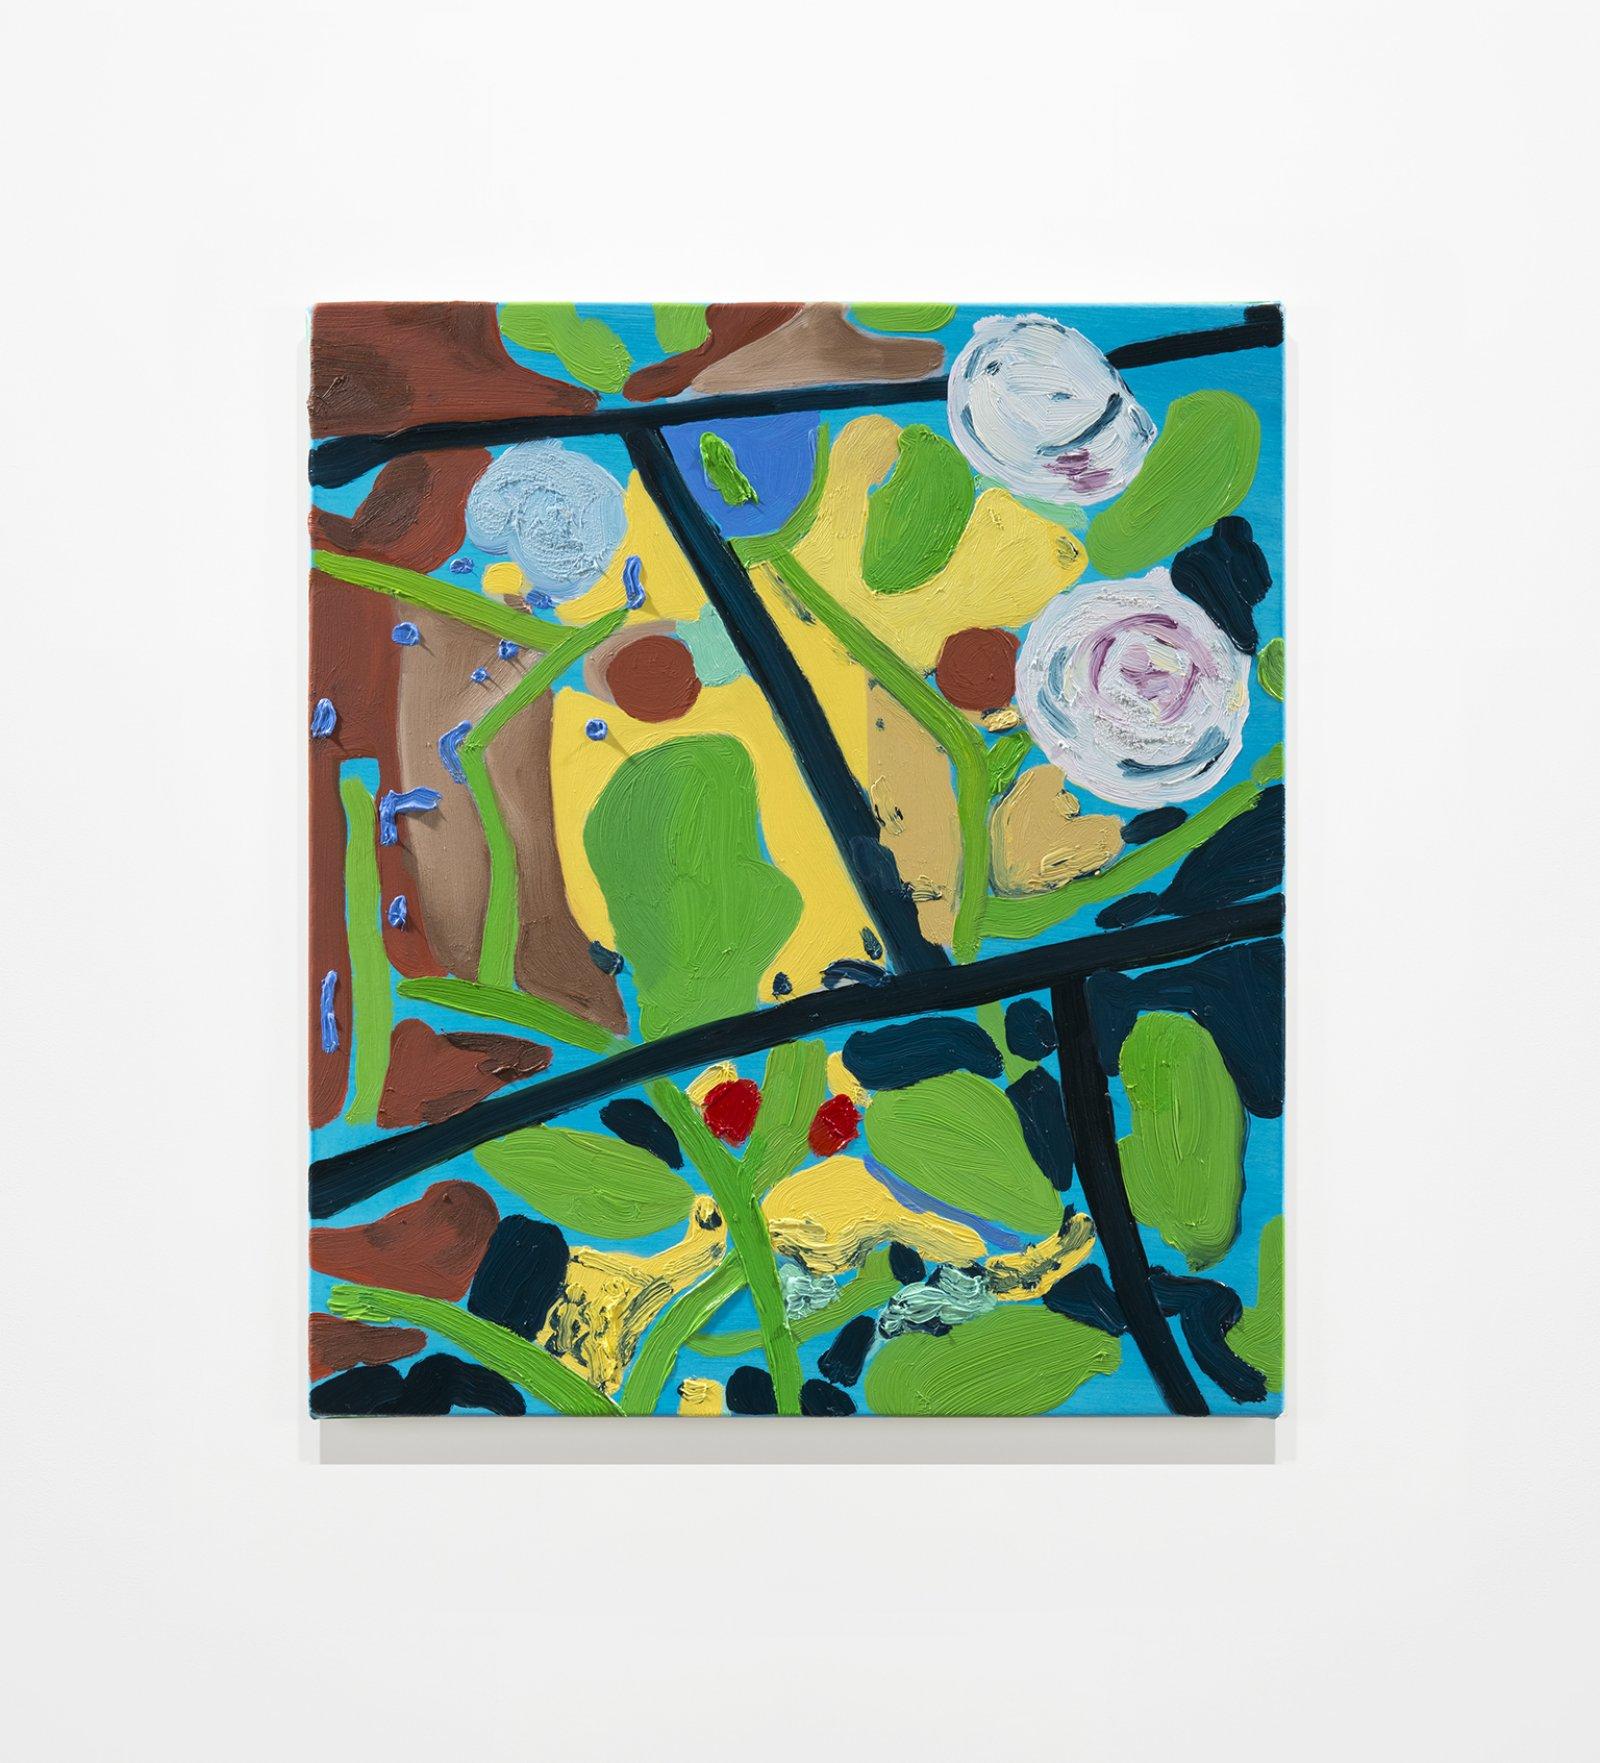 Elizabeth McIntosh, Spy, 2020, oil on canvas, 17 x 15 in. (44 x 38 cm) by Elizabeth McIntosh